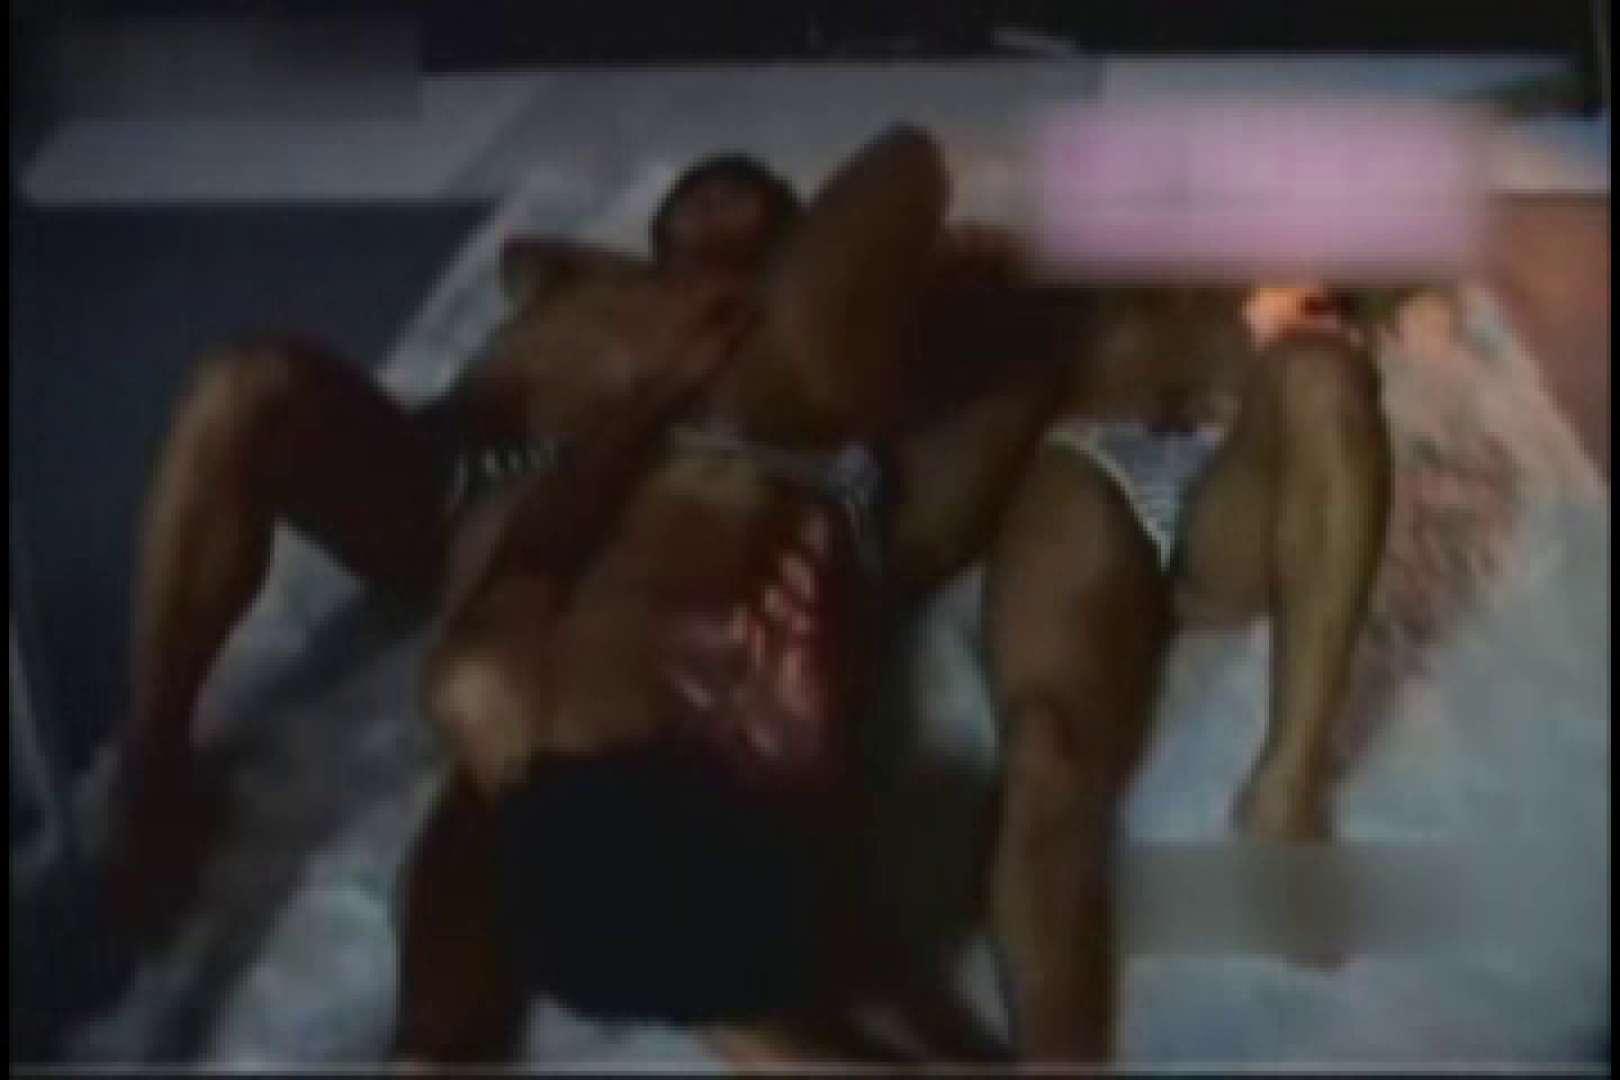 中出有名ゲイ雑誌★魅力●生★付録DVD収録スーパーモデルヌードvol4 イメージ (sex) | ヌード ゲイエロ画像 82枚 47